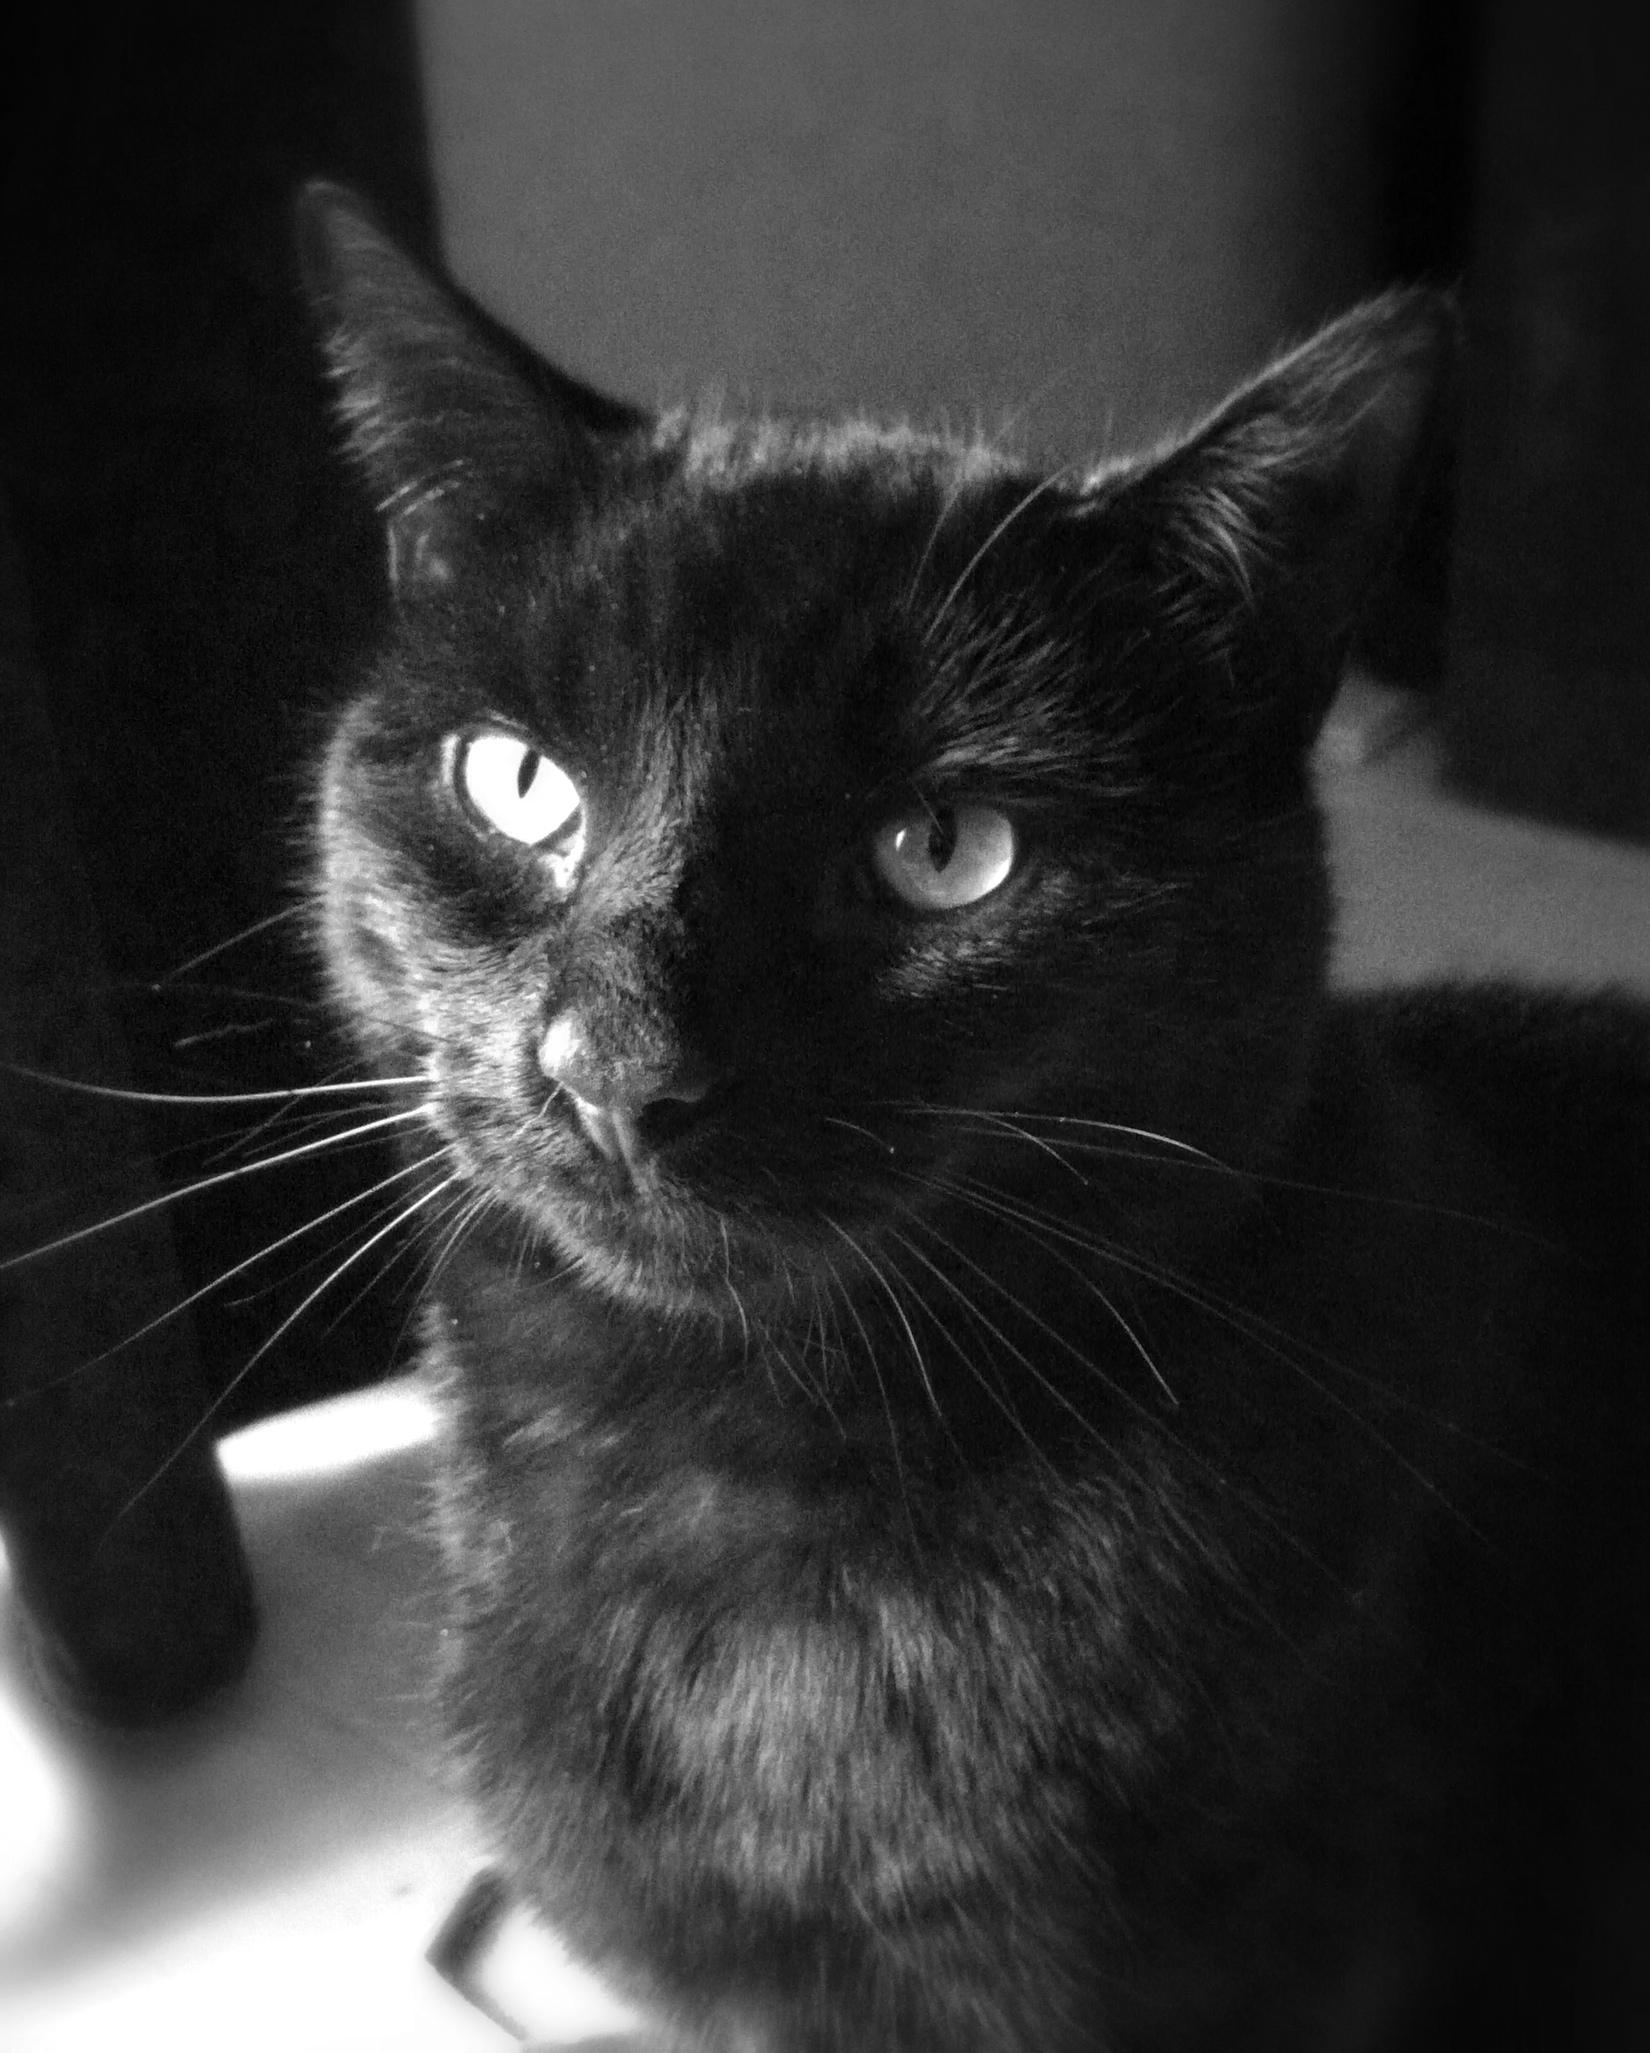 My cat Kuma